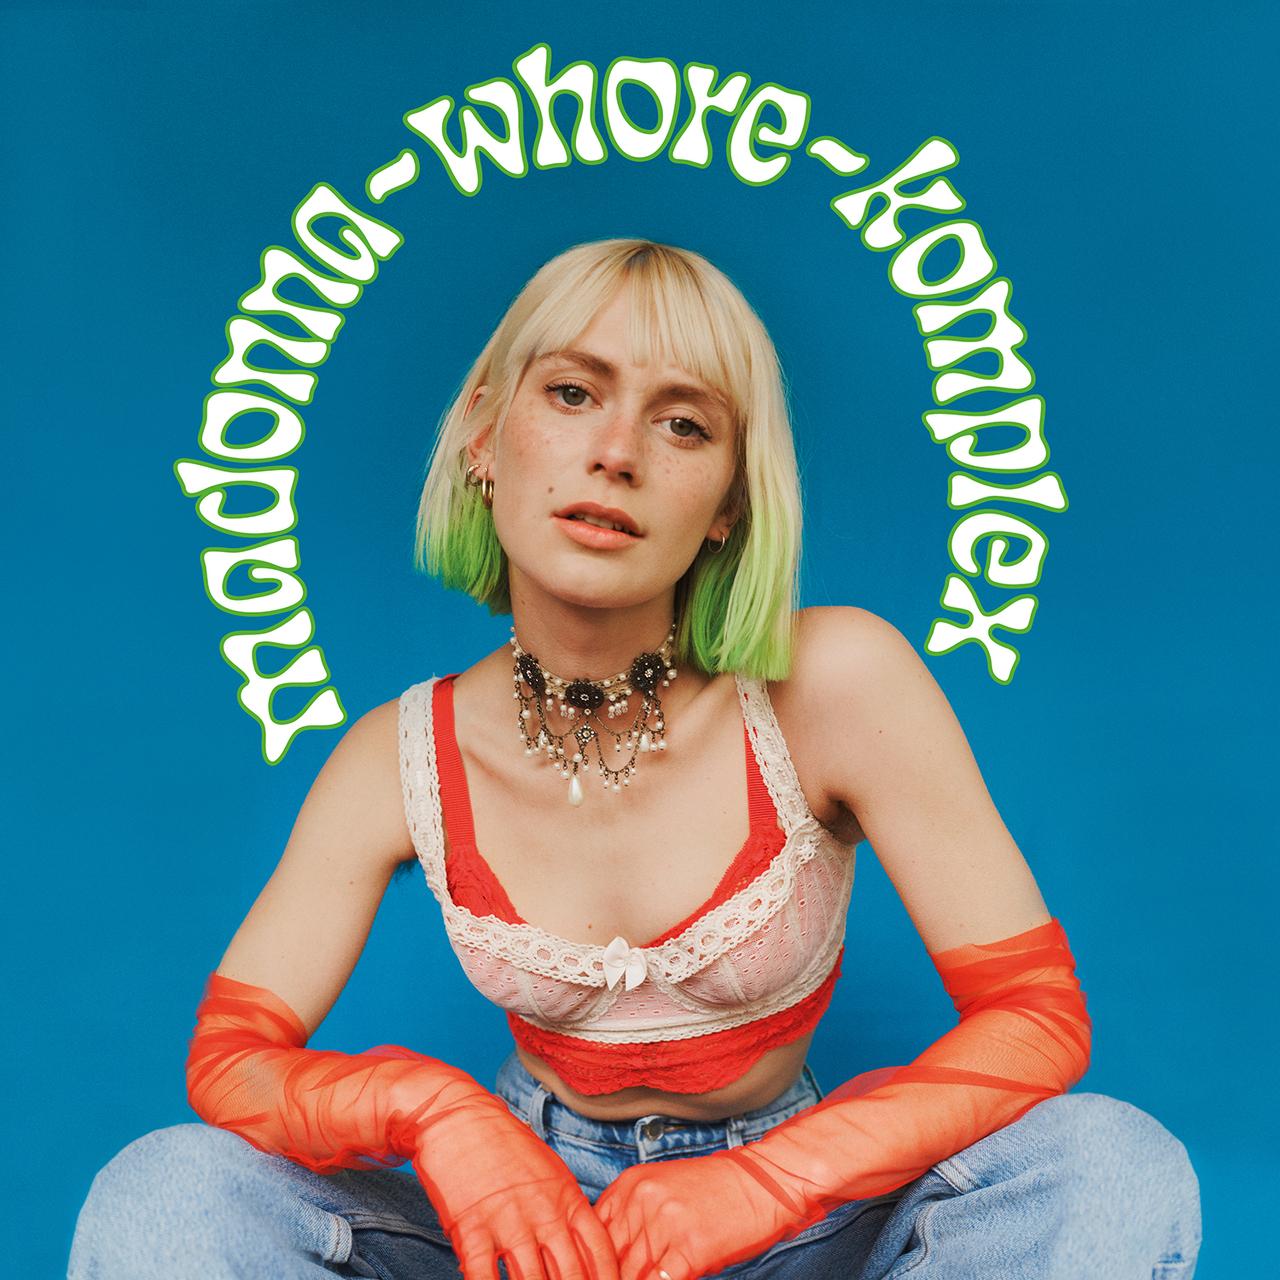 Madonna Whore Komplex Cover